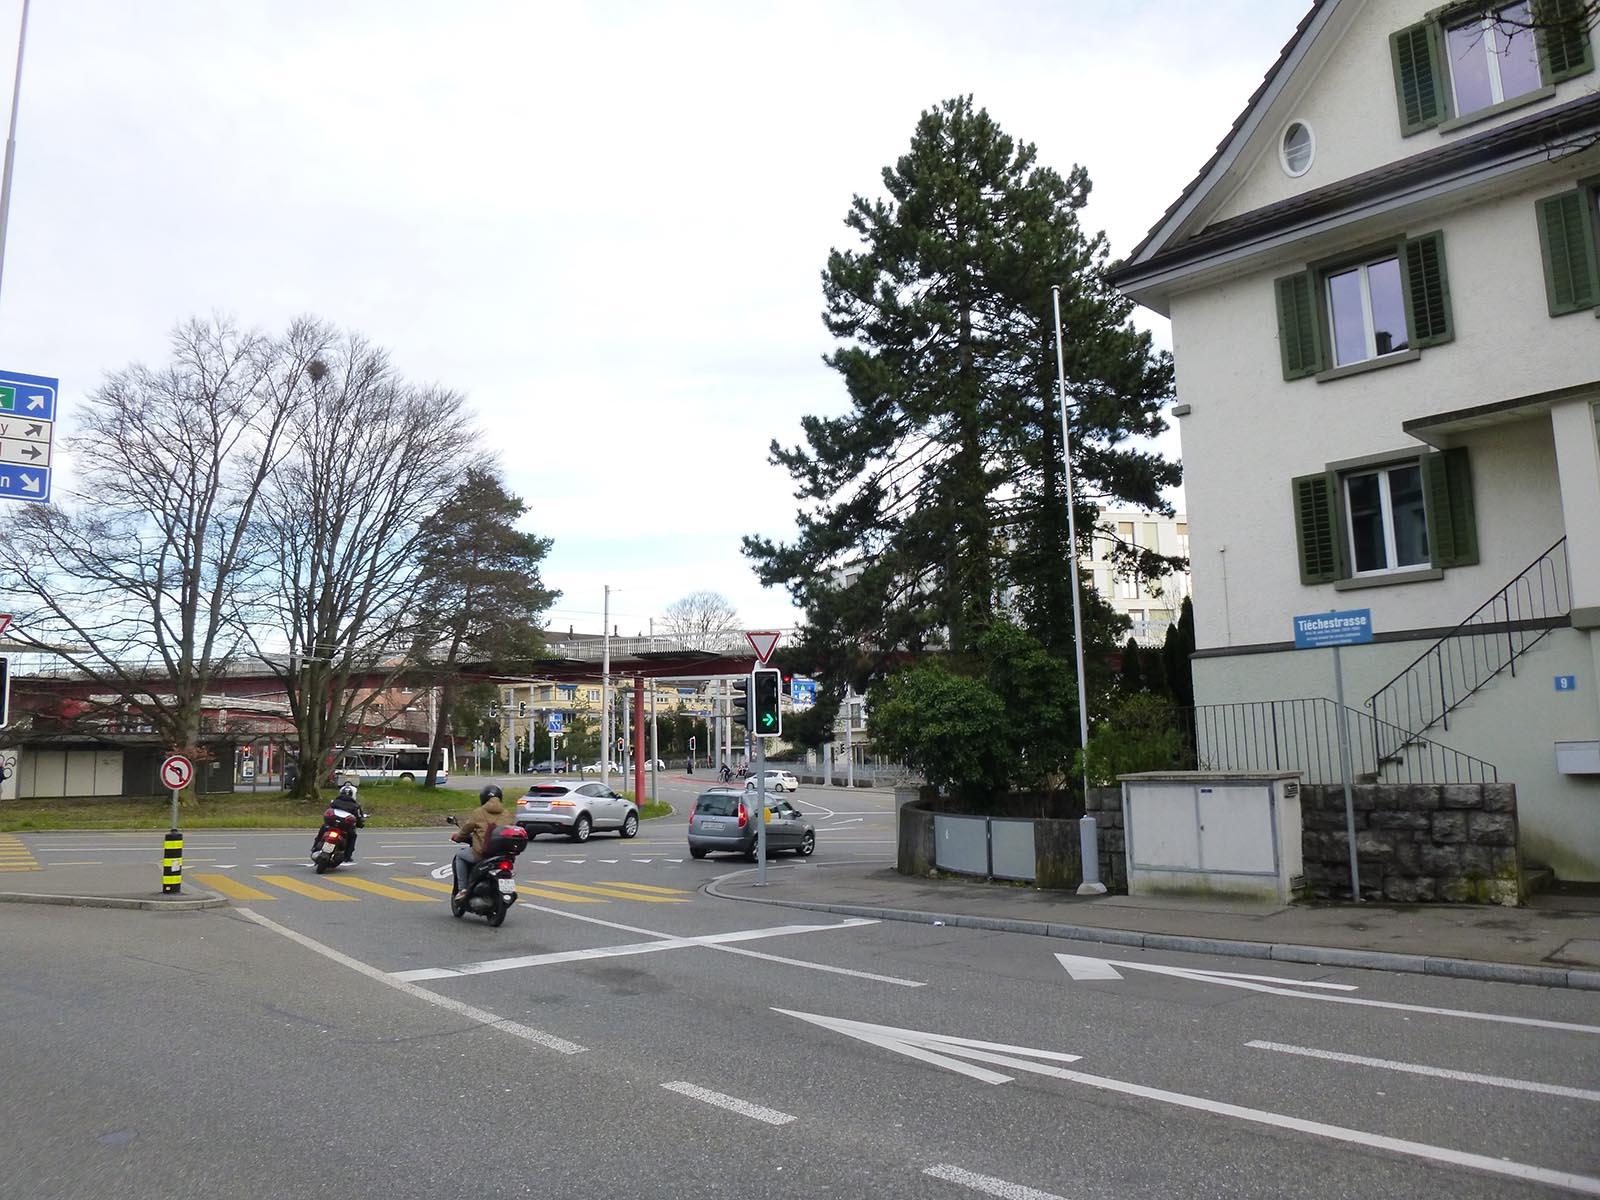 Von hier aus, wo die Tièchestrasse in den Bucheggplatz mündet, hat der unbekannte Täter auf den Autofahrer geschossen.